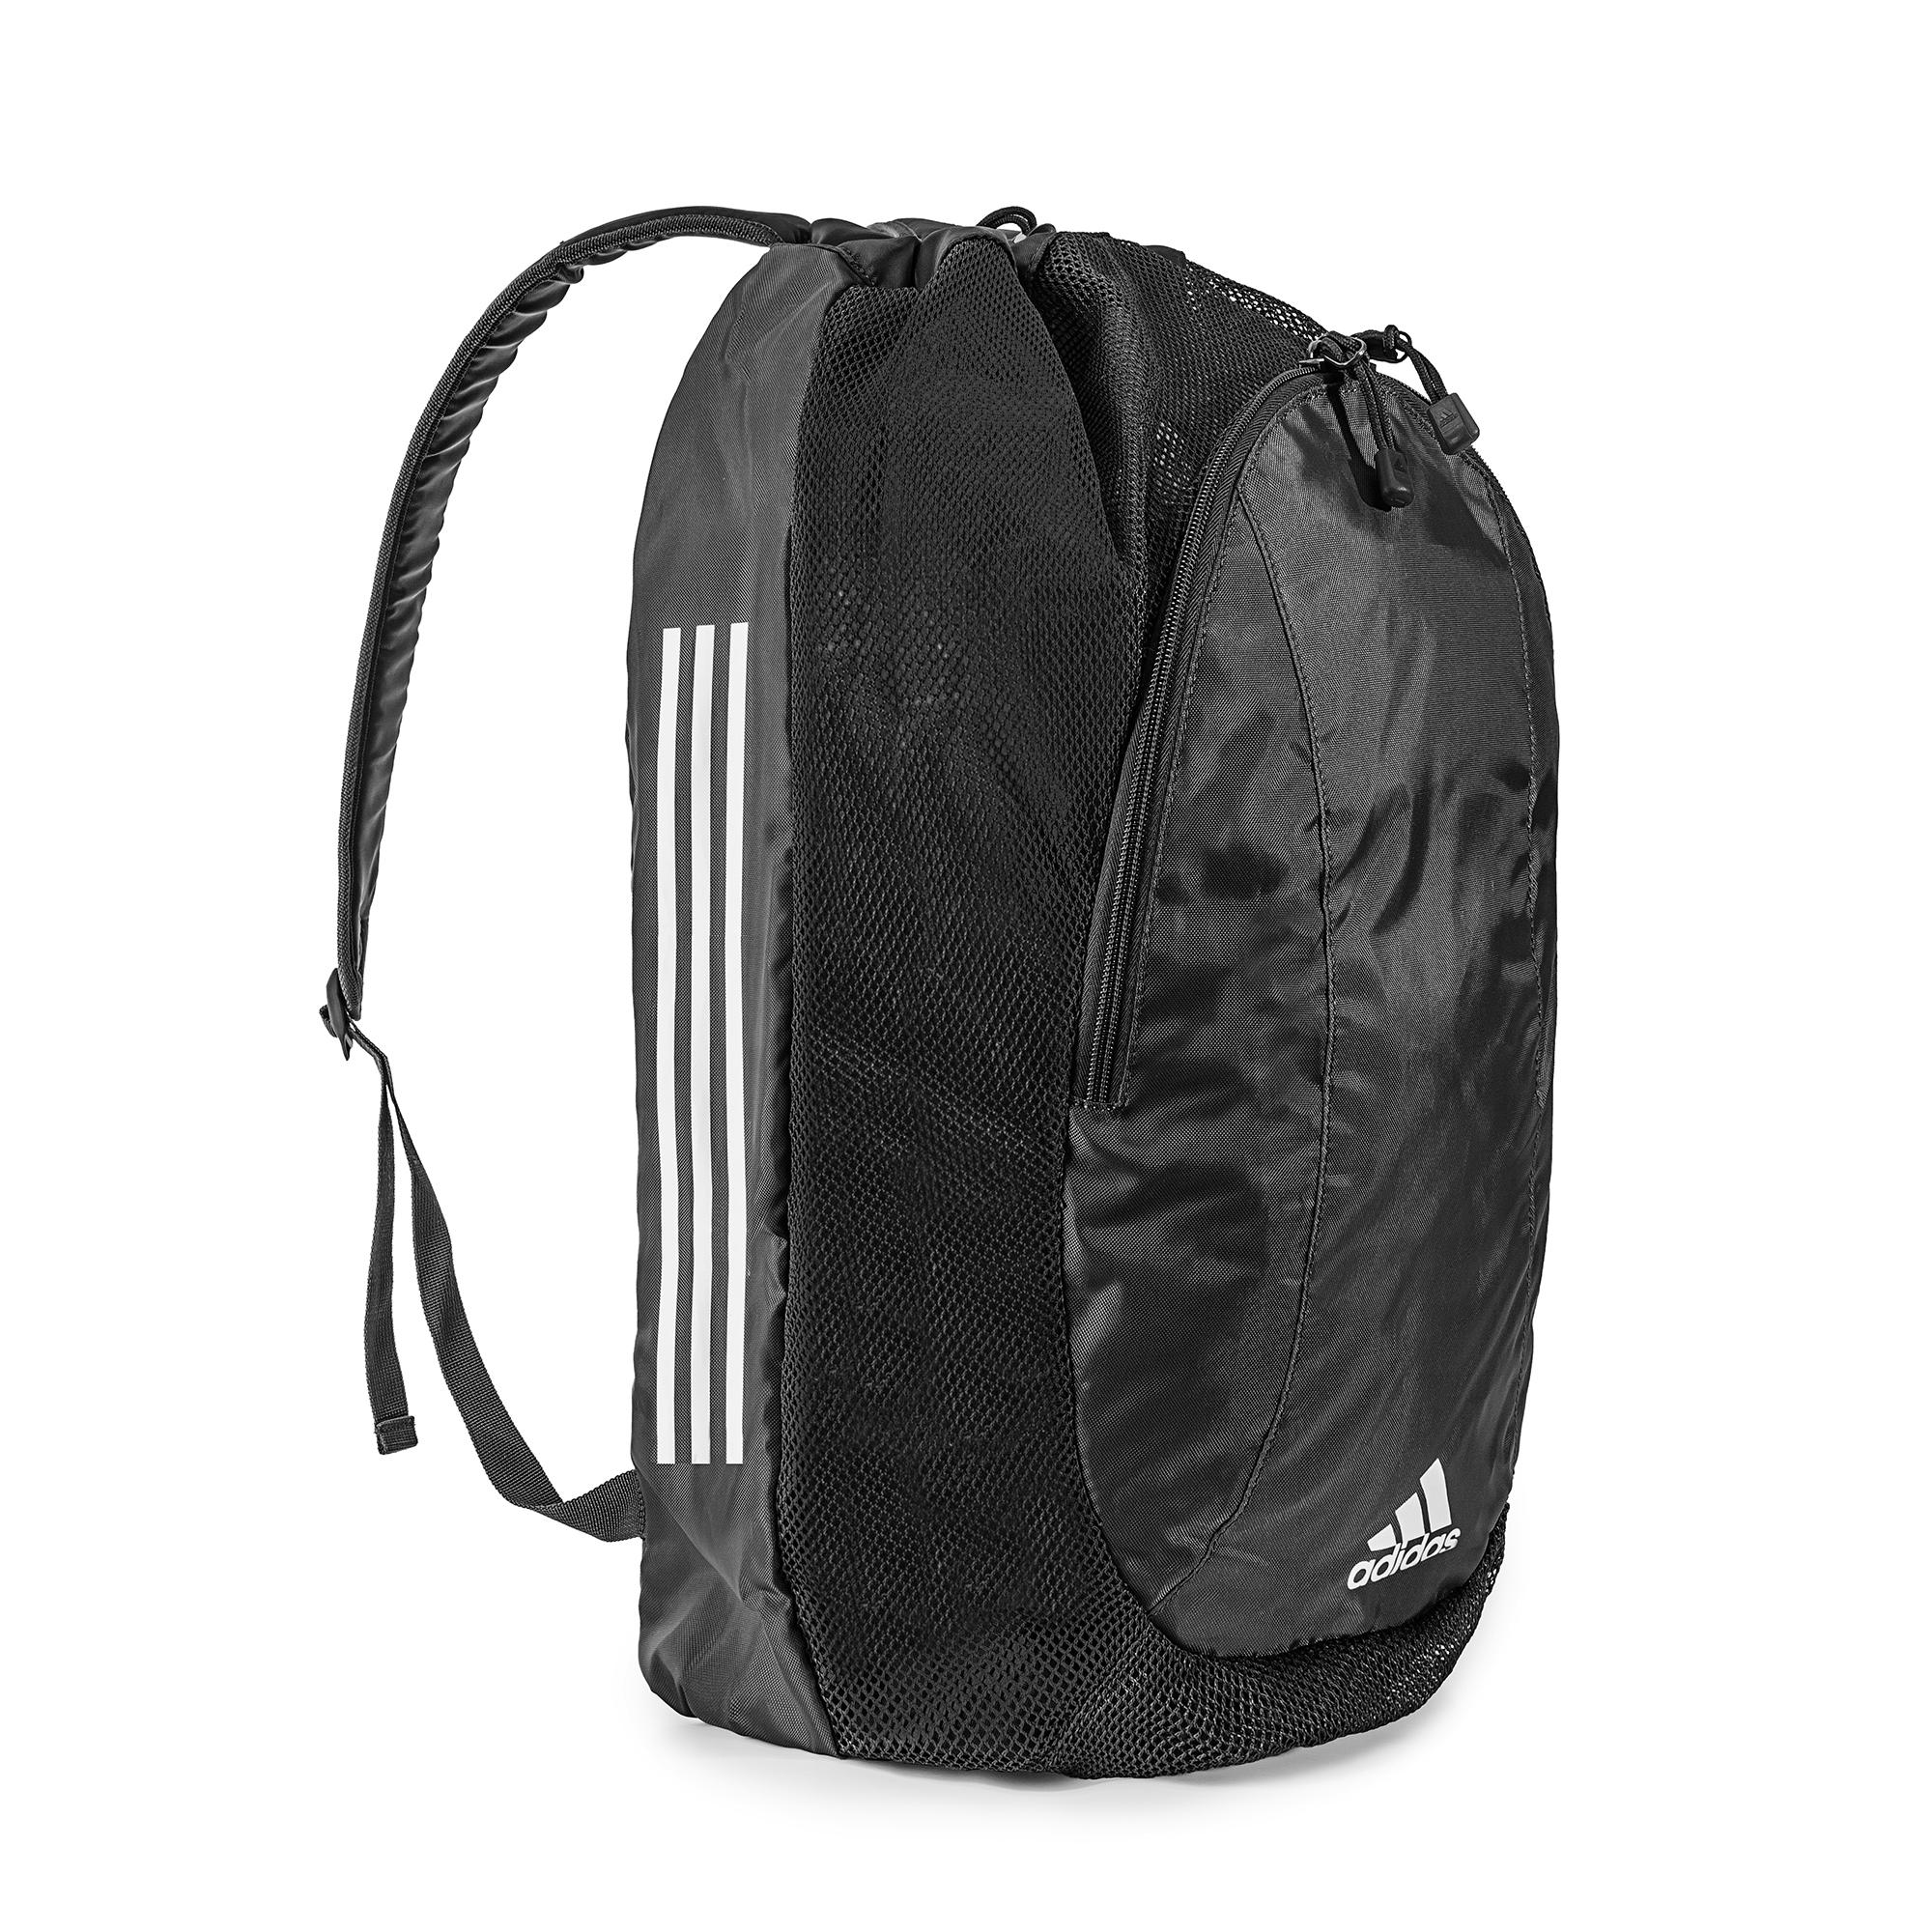 Adidas Gear Bag Wrestlinggear